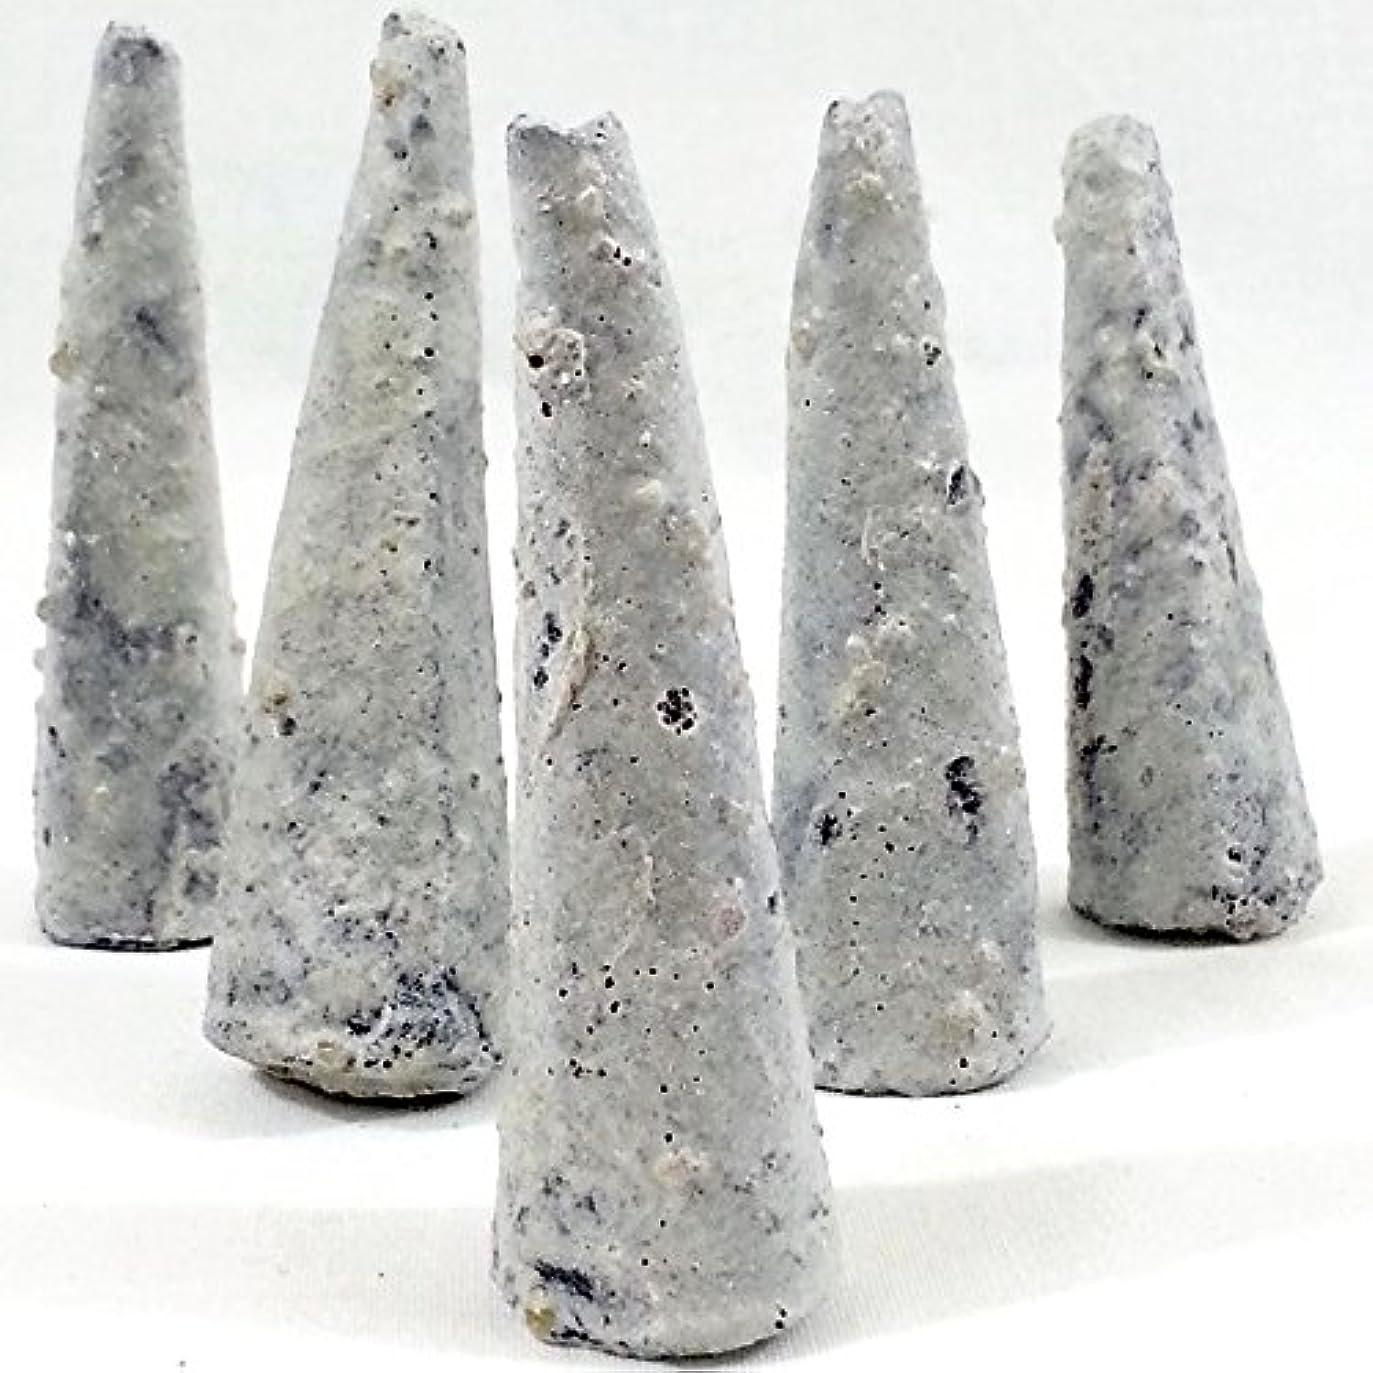 木材ゴミ箱を空にするリブCopal Incense Conesバッグ75の5 Cones = 375コーン、手作りのメキシコ。